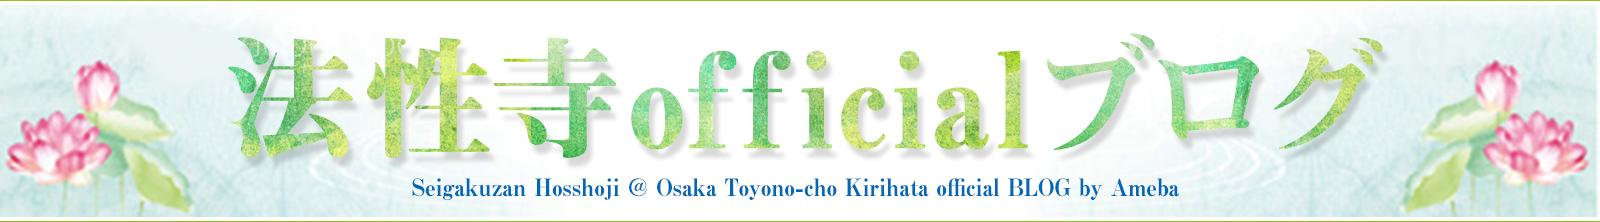 法性寺officialブログ